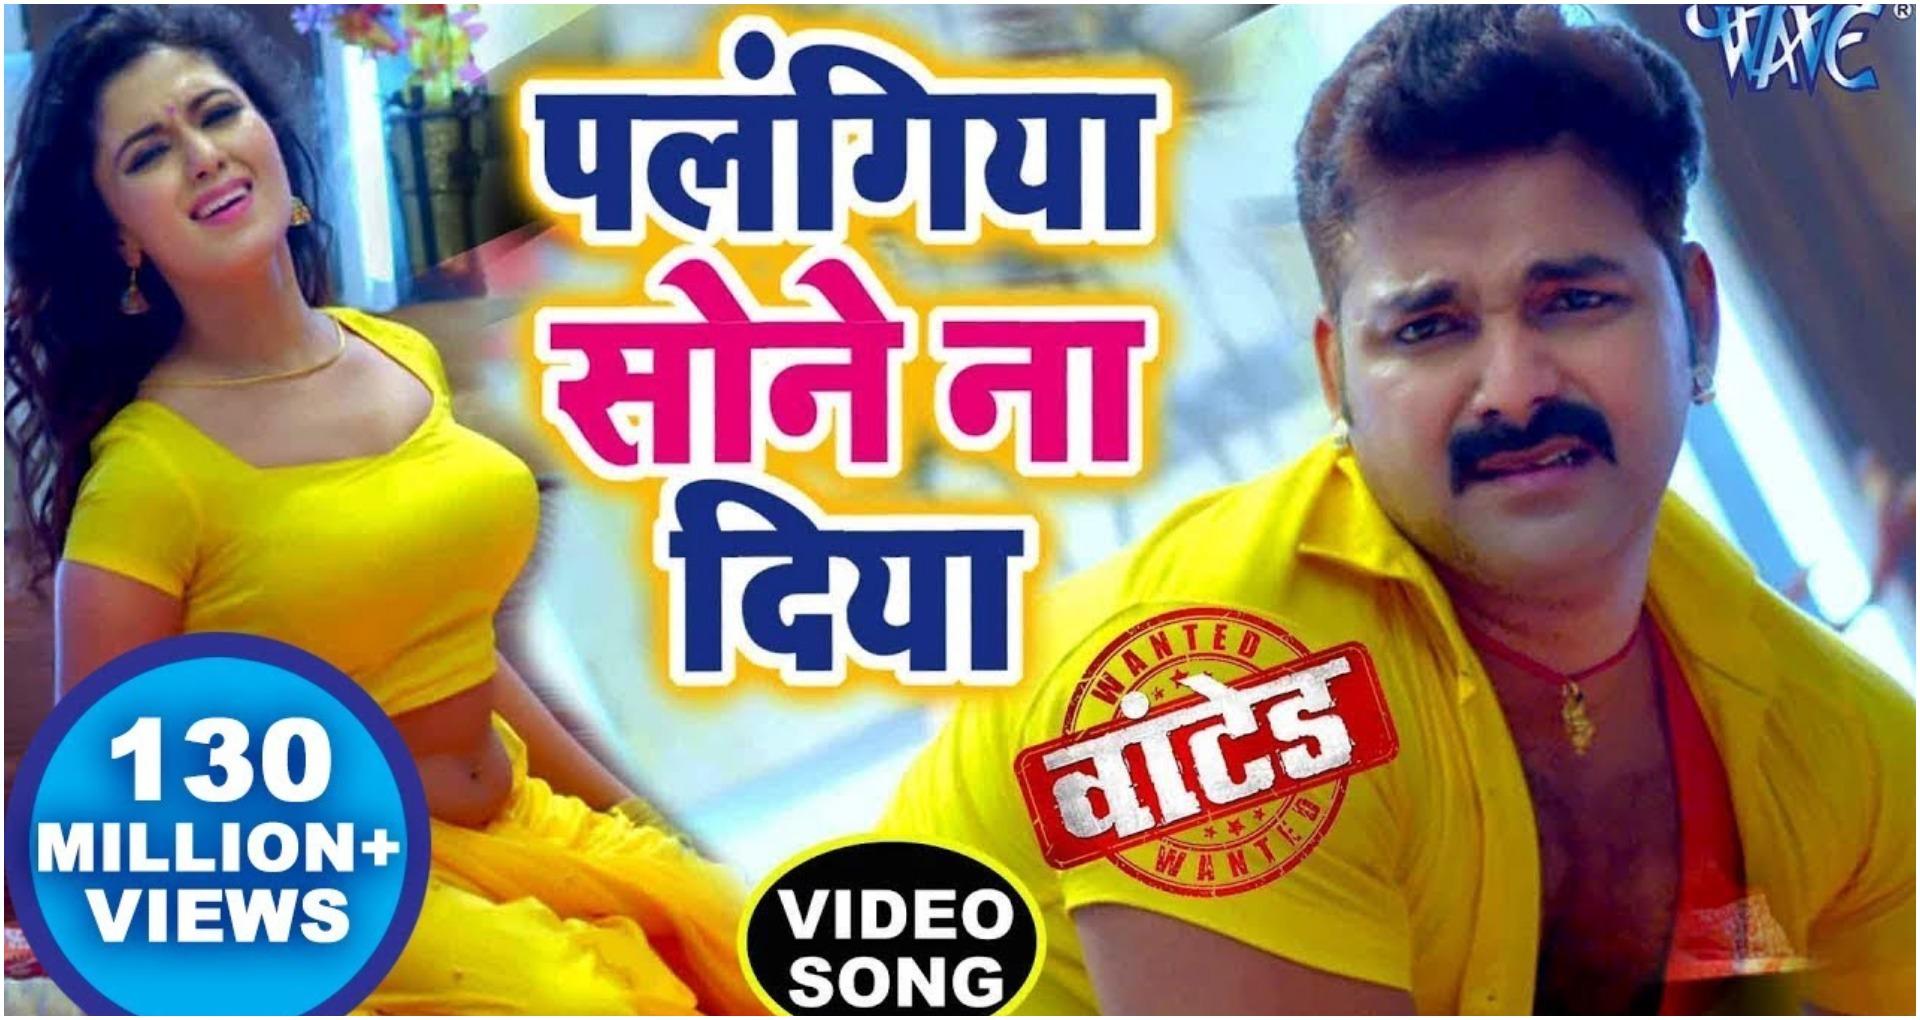 Palangiya Sone Na Diya Song: पवन सिंह की फिल्म वांटेड का ये बोल्ड सॉन्ग तेजी से हो रहा है वायरल, देखिए वीडियो